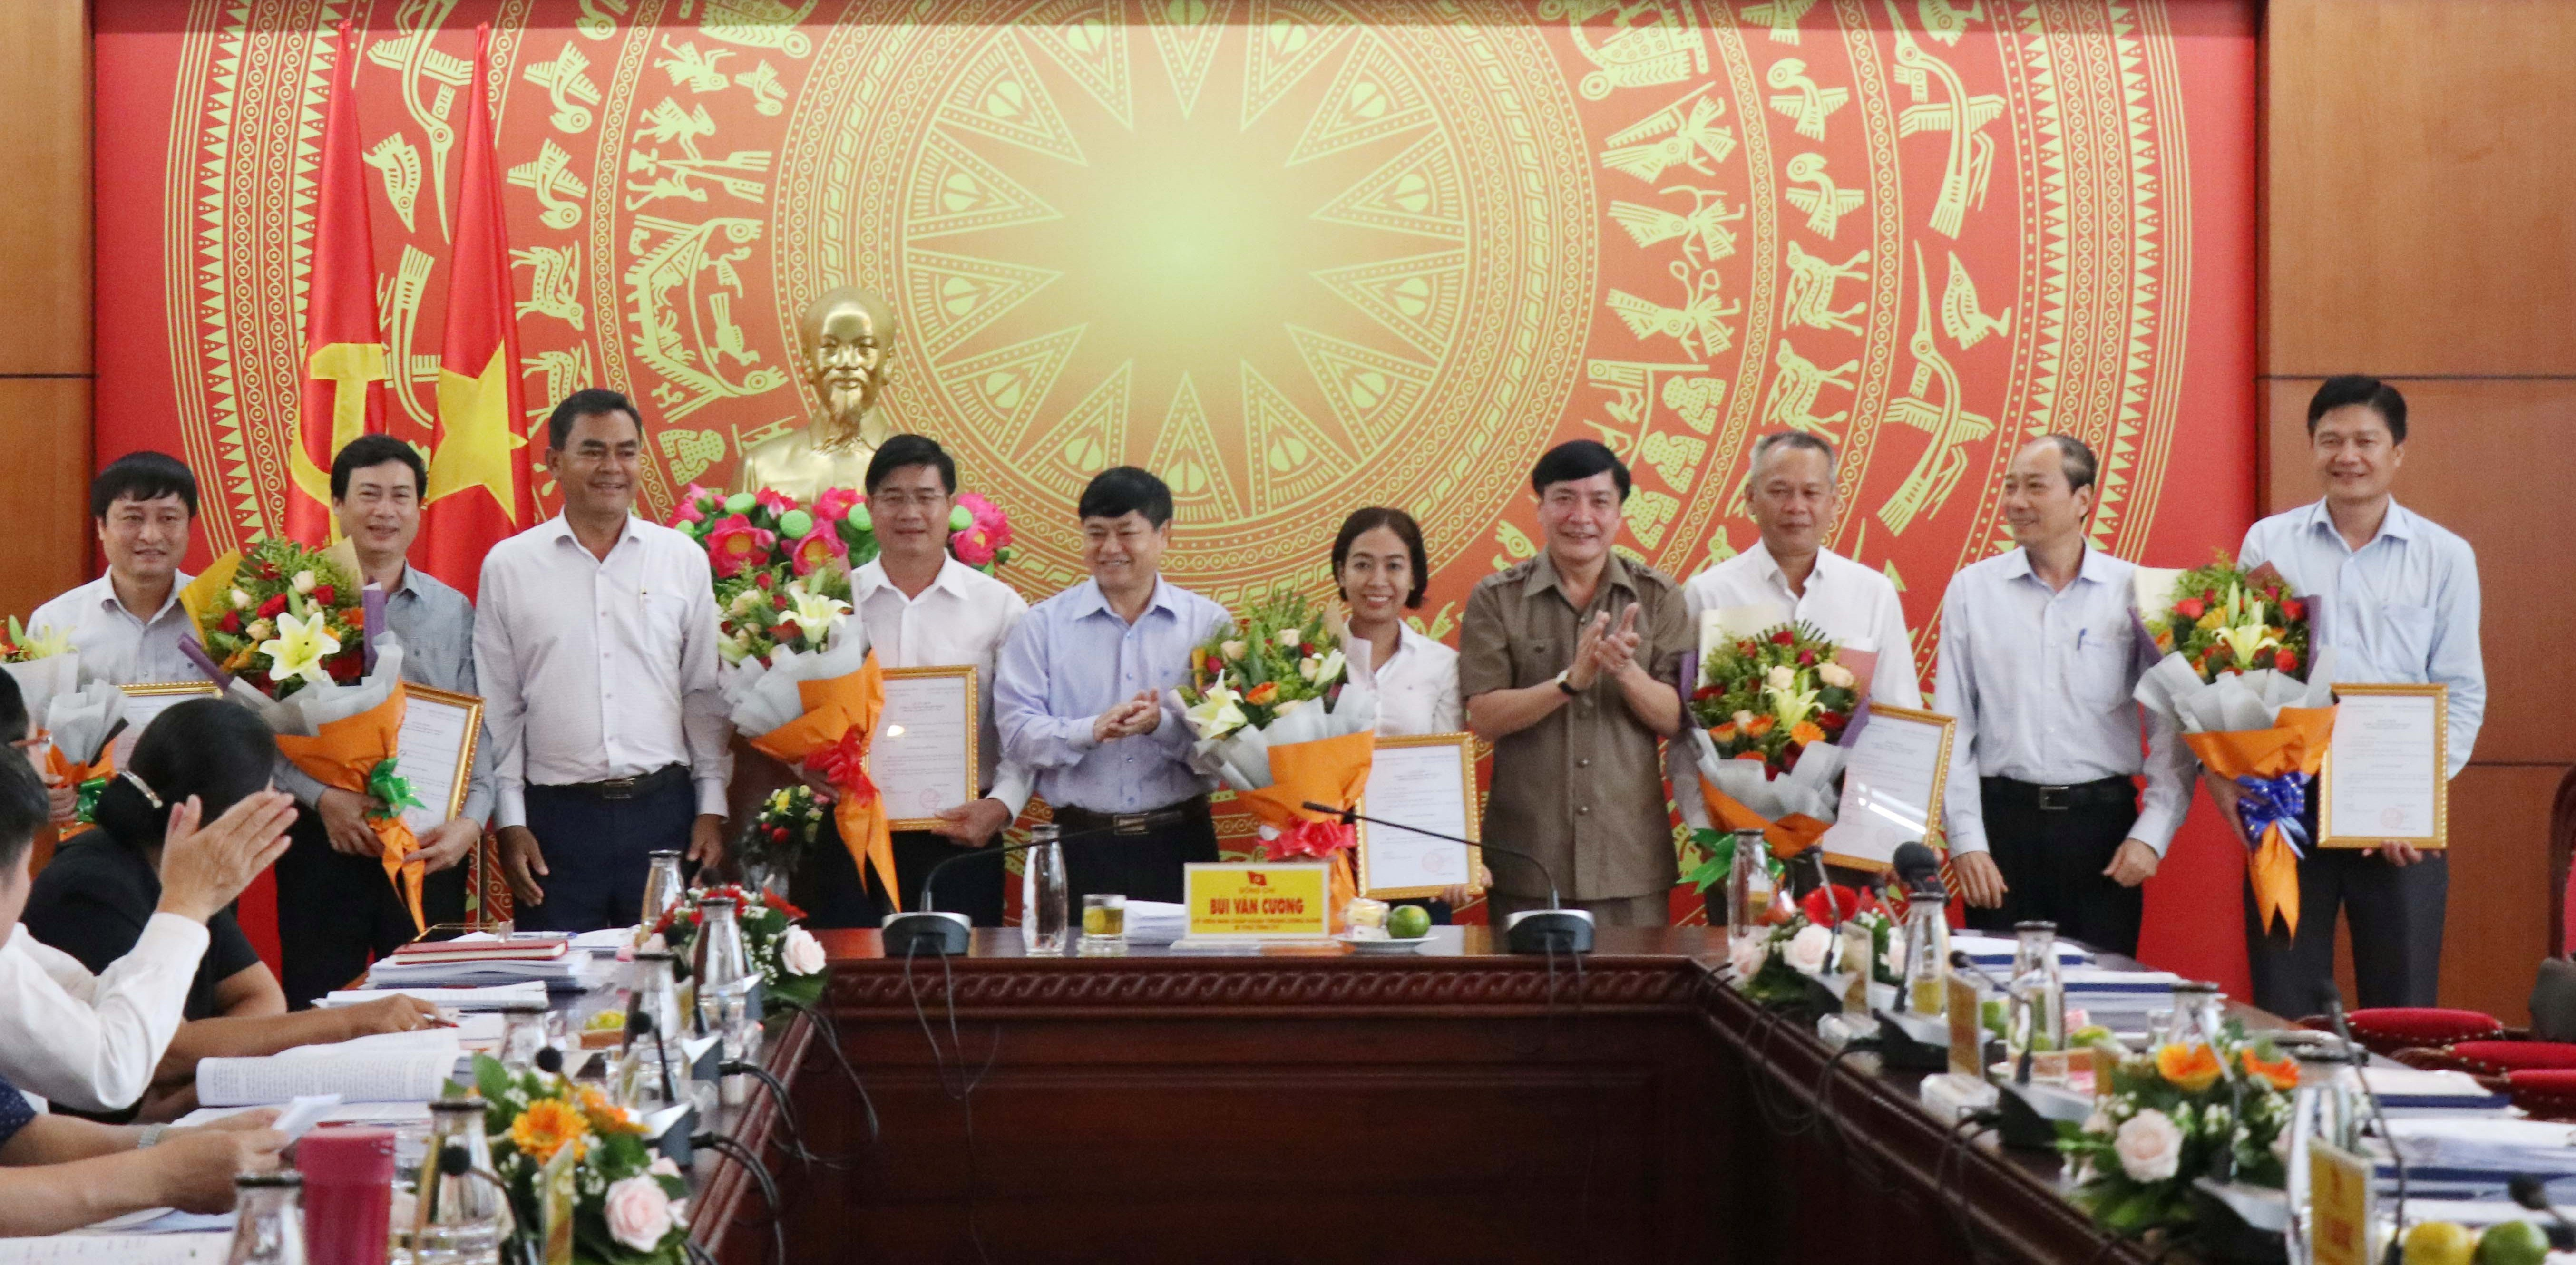 Đắk Lắk Trao Quyết định của Ban Bí thư Trung ương Đảng về công tác nhân sự